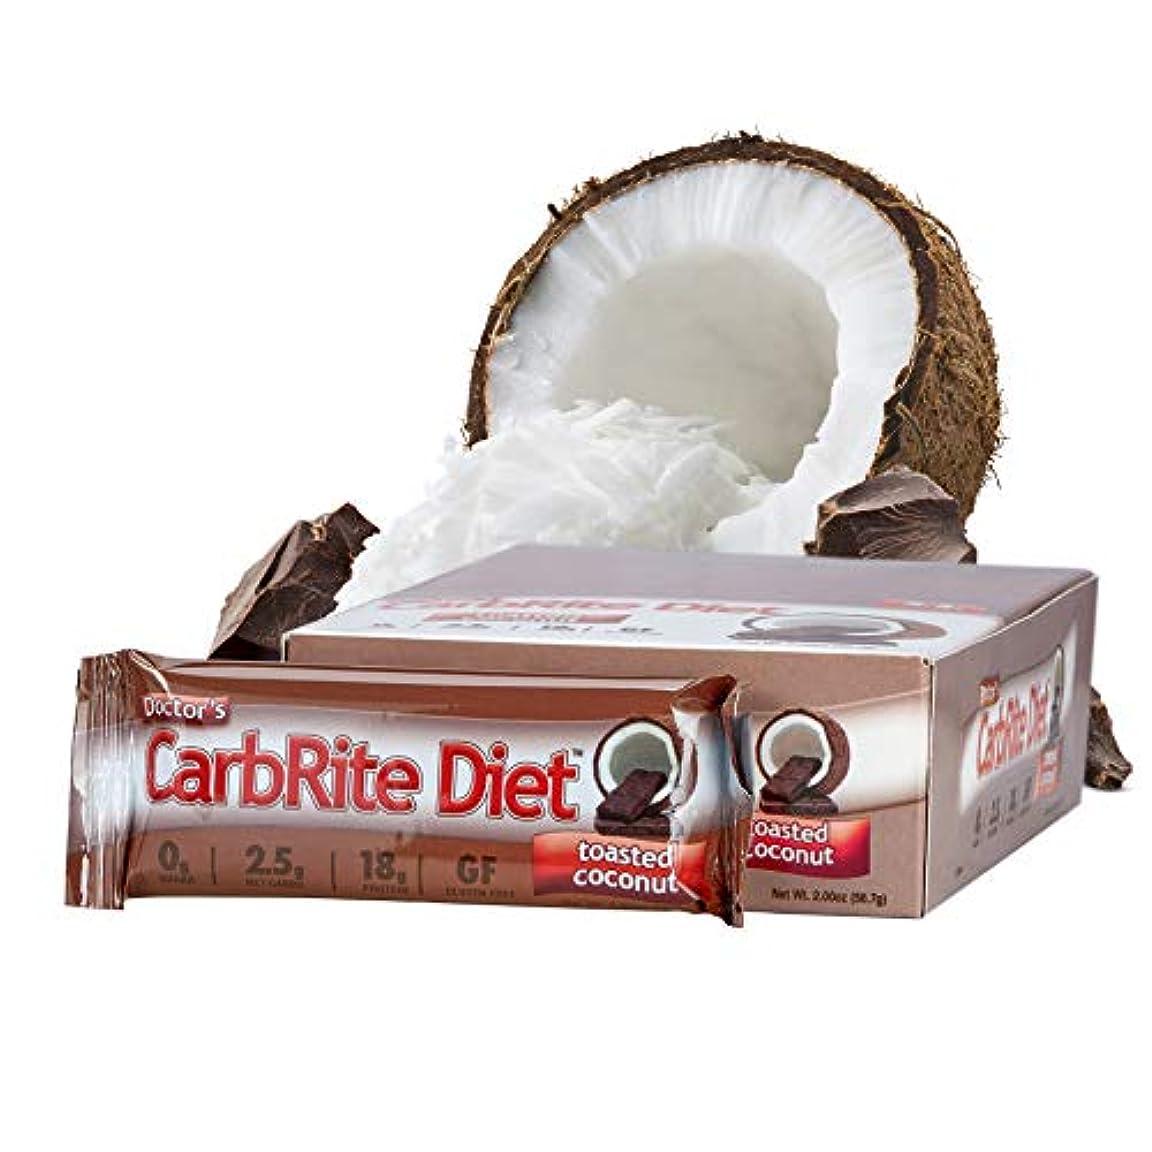 遠足オリエンタル絶対にUniversal Nutrition - Doctor's CarbRite ダイエット バー ボックス トースト ココナッツ - 1バー